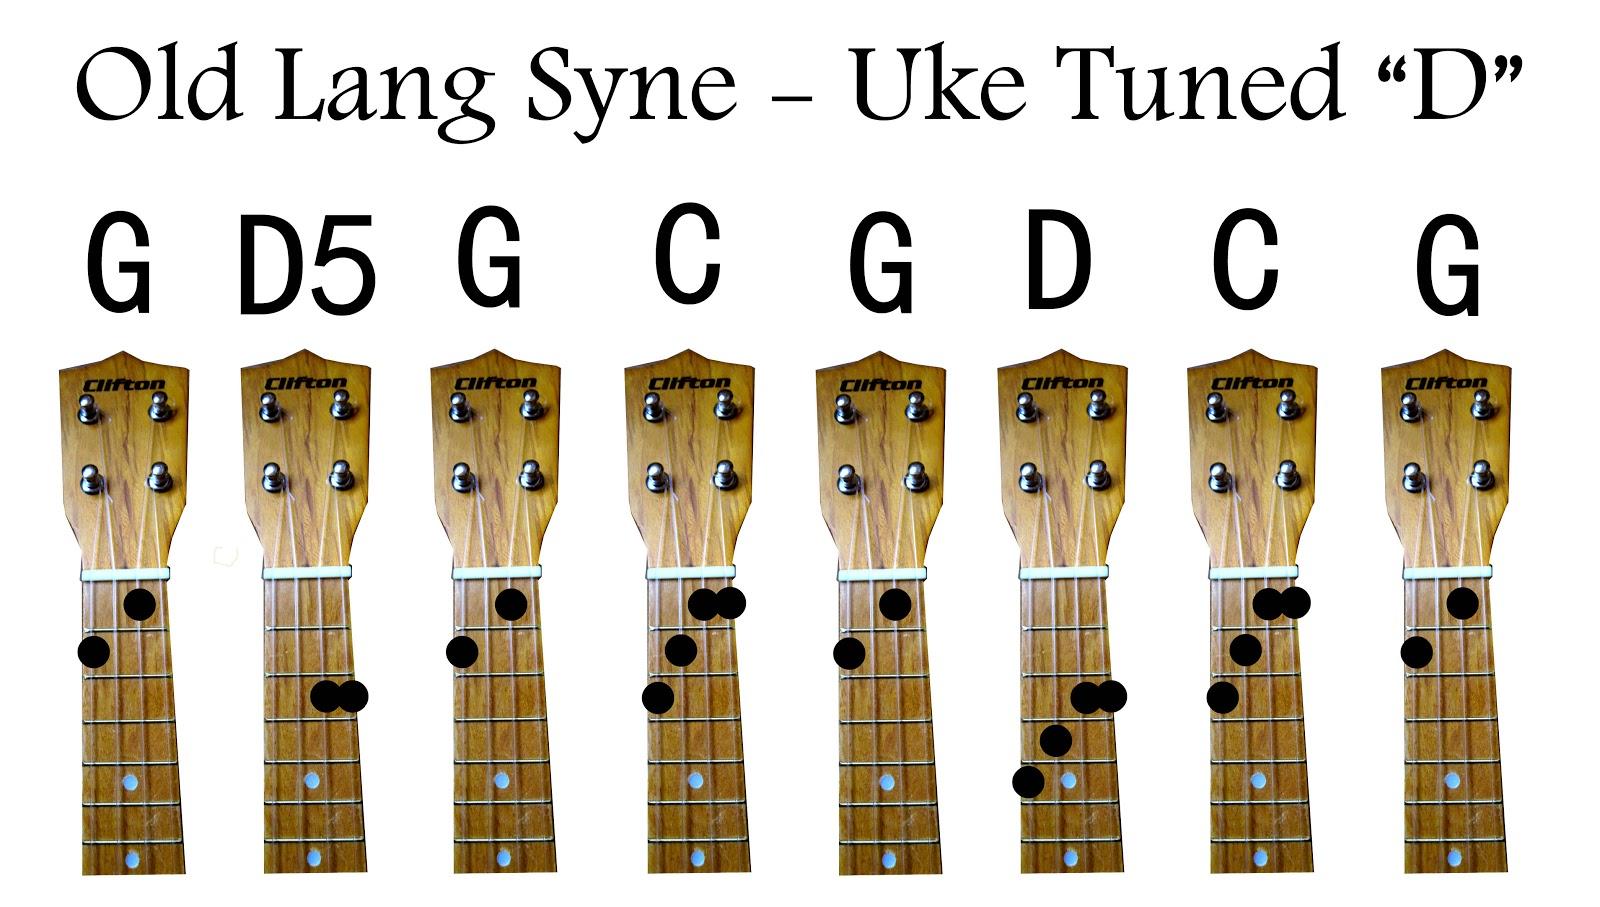 The Ukulele Blog: Old Lang Syne on the Clifton Ukulele